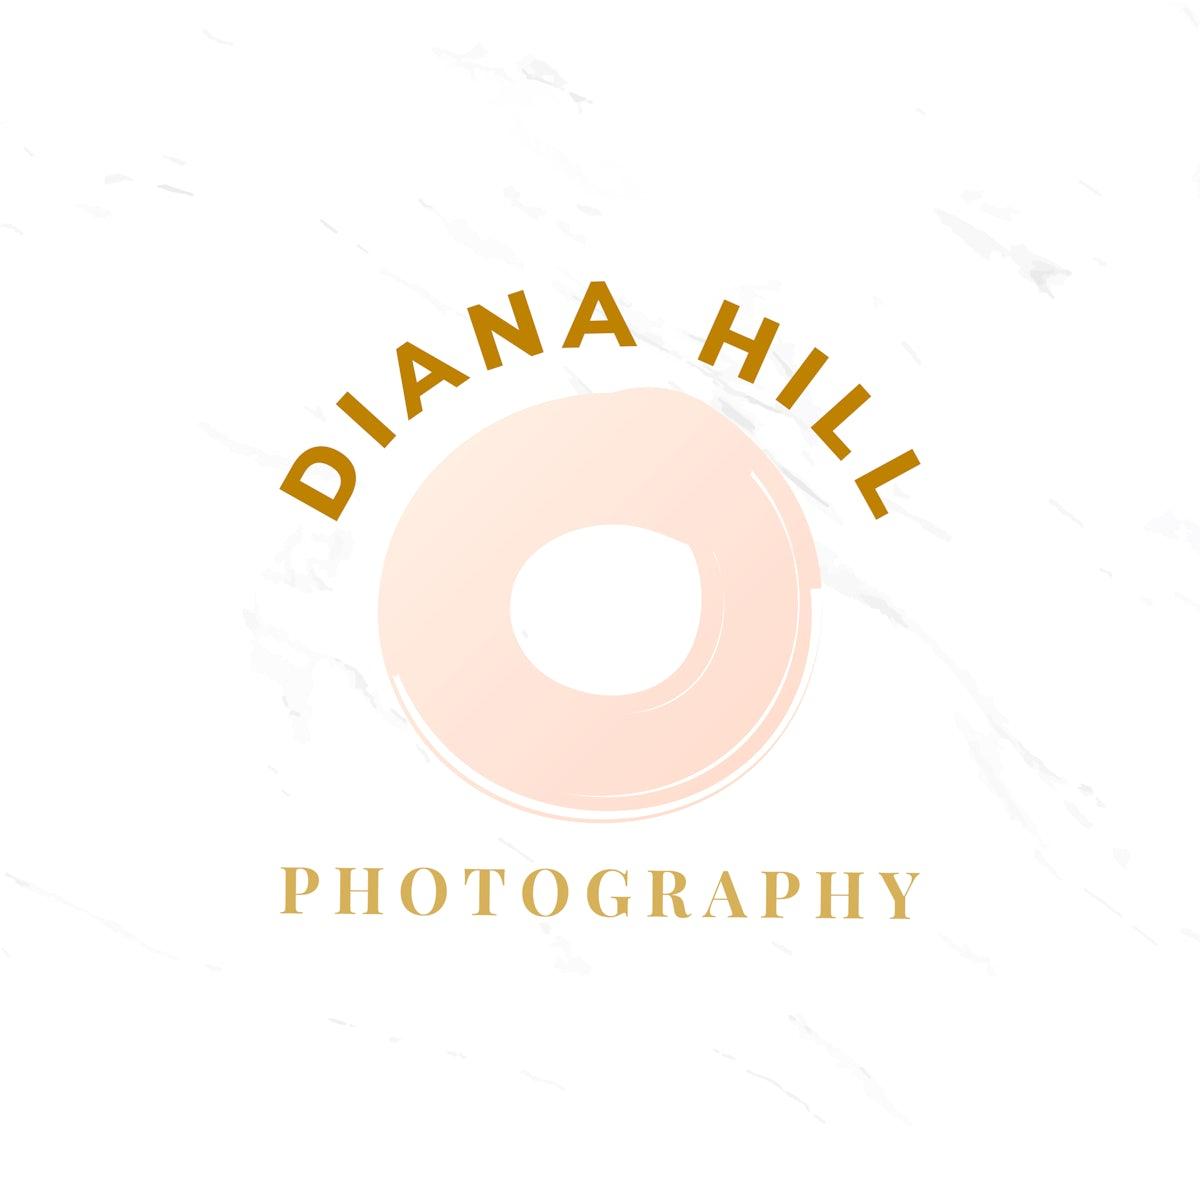 Photography Studio Logo Design Vector